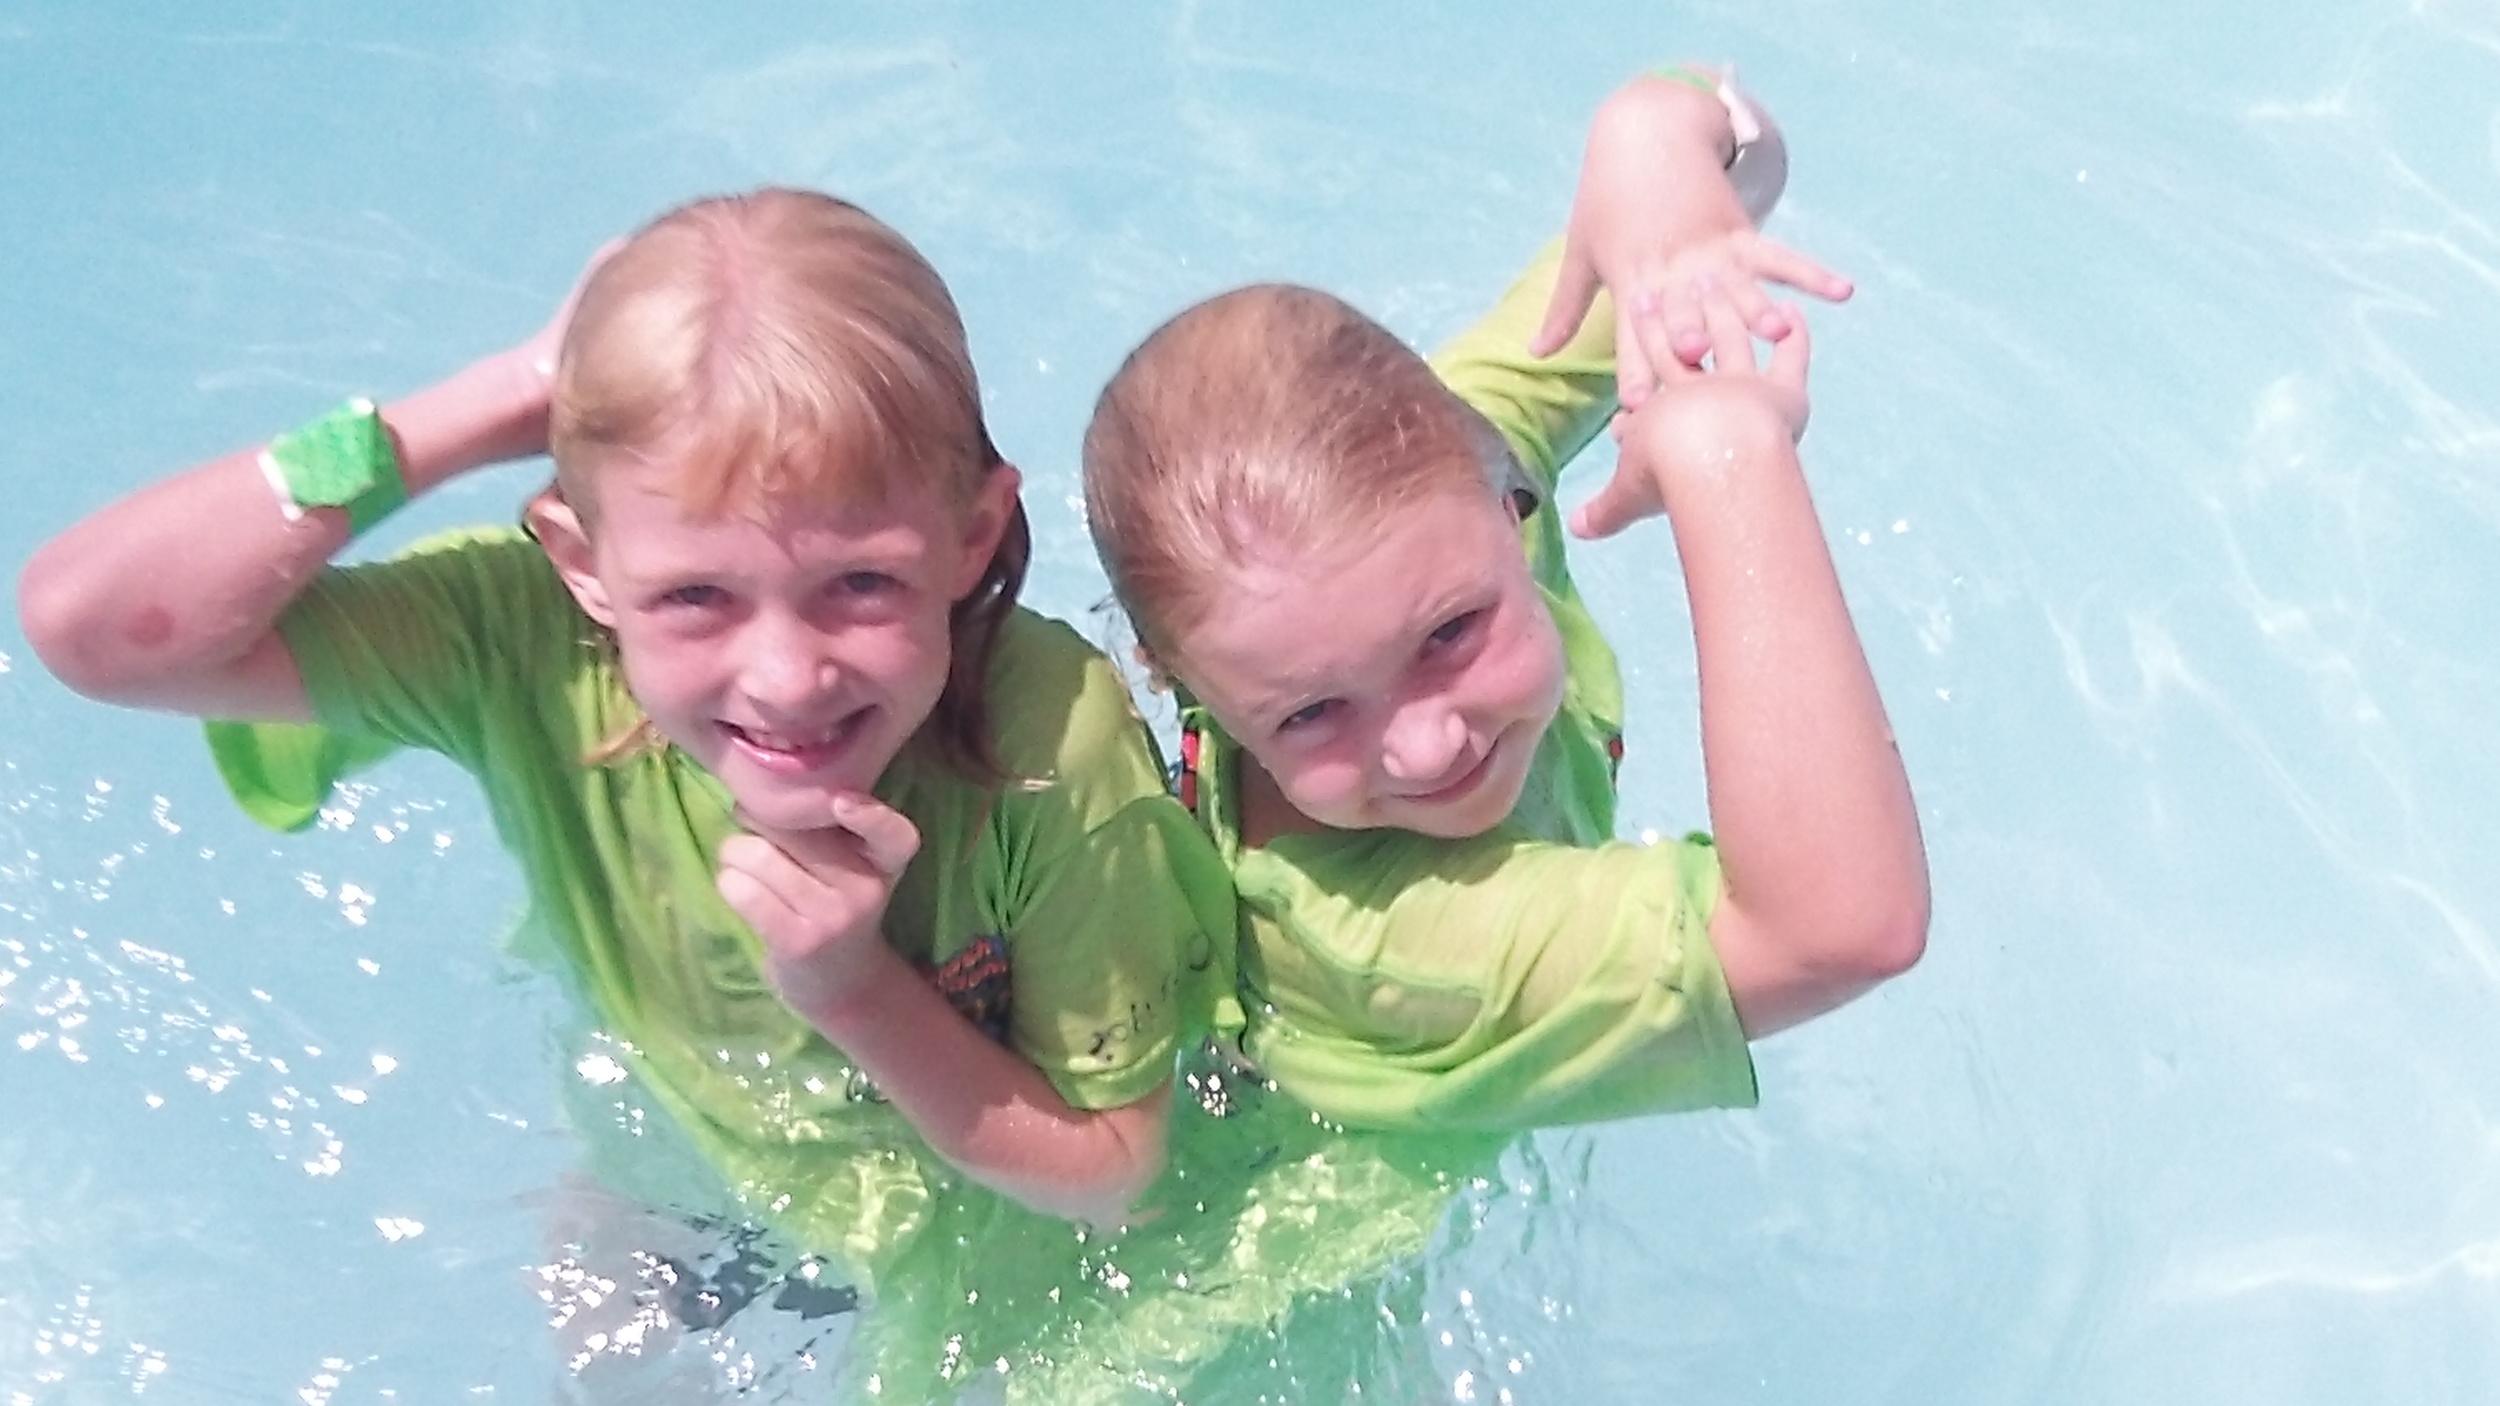 Siblings + Splashes. Oh yeah!